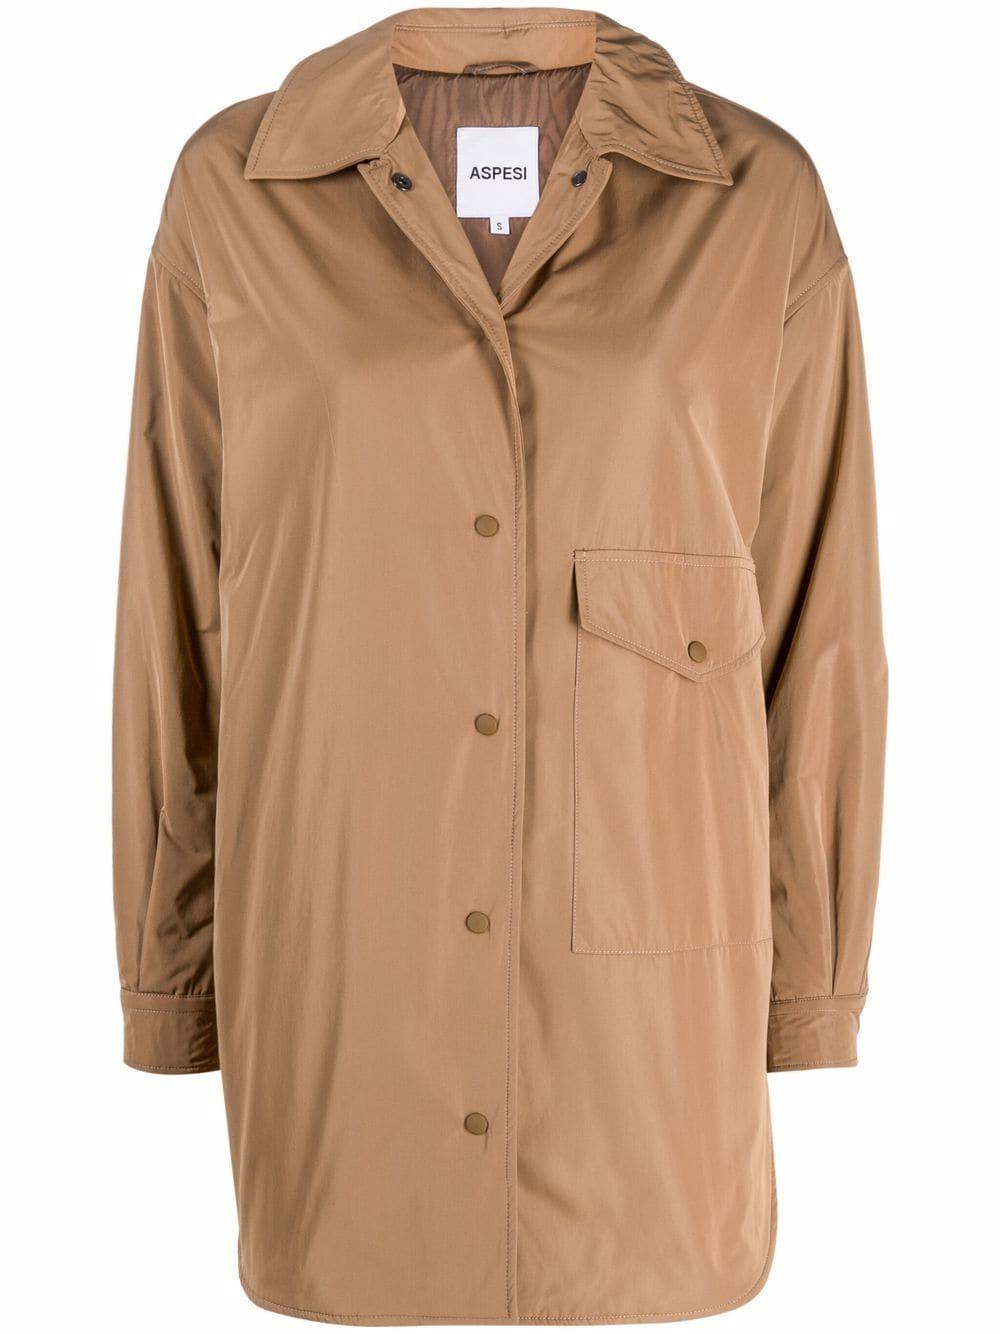 giacca/camicia marrone con chiusura con bottoni a pressione ASPESI | Giacche | 1N29-G70301323